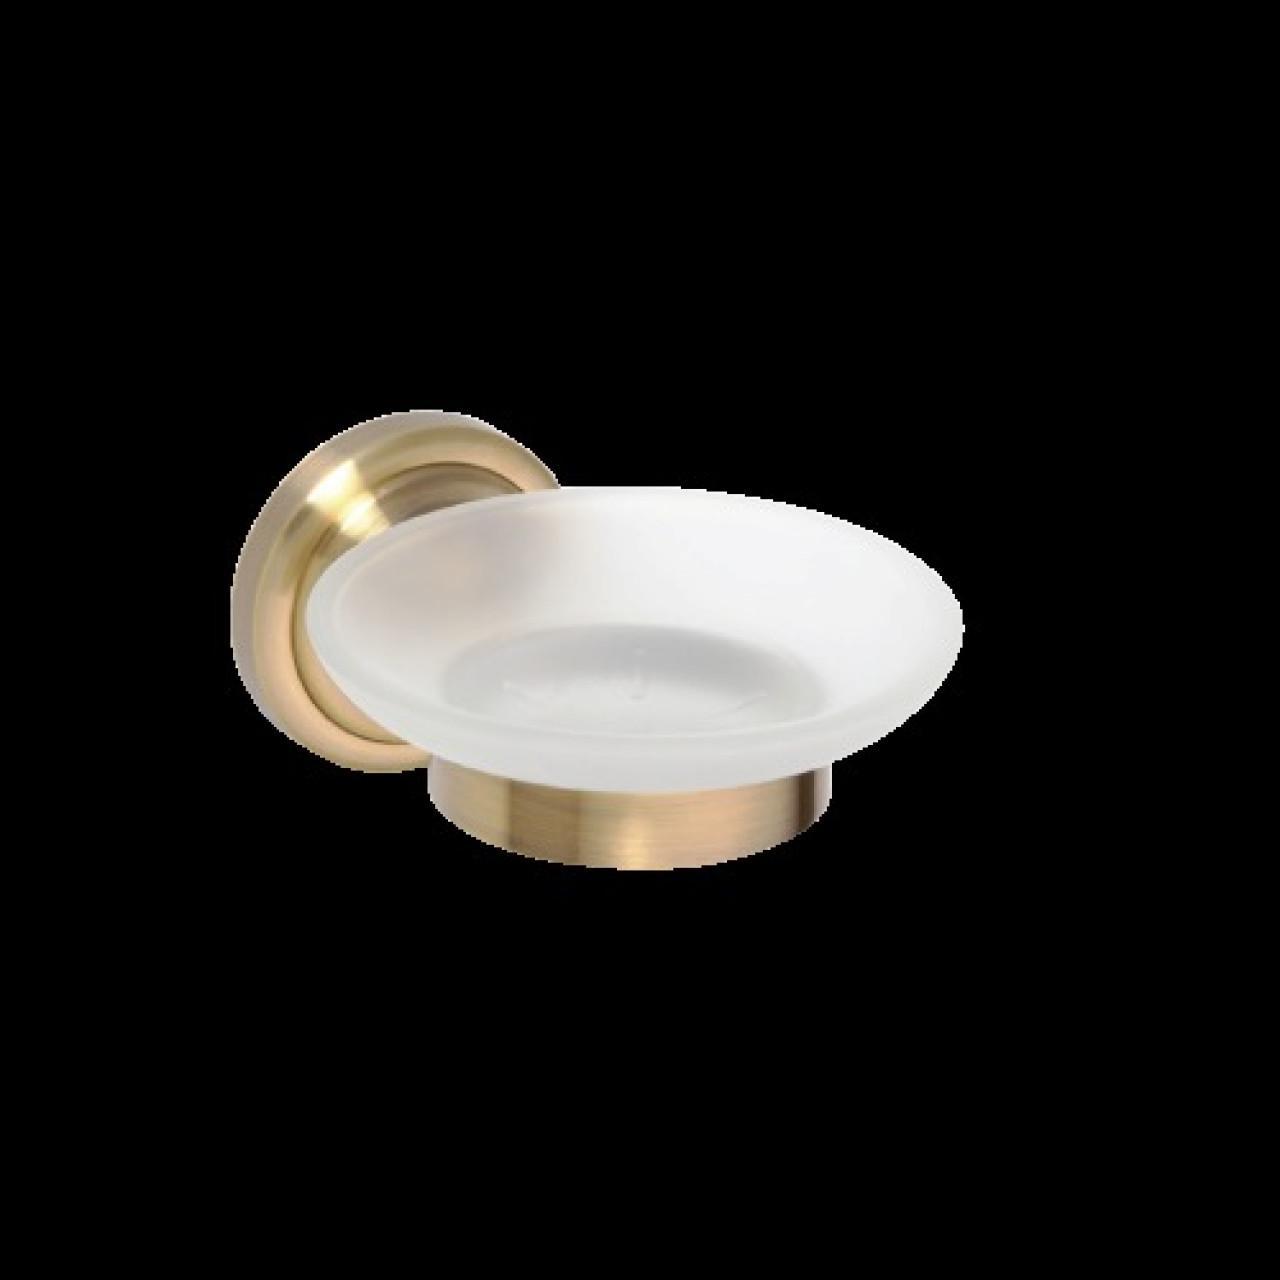 Мыльница стеклянная BEMETA RETRO 144308022 Хром купить в Москве по цене от 1427р. в интернет-магазине mebel-v-vannu.ru